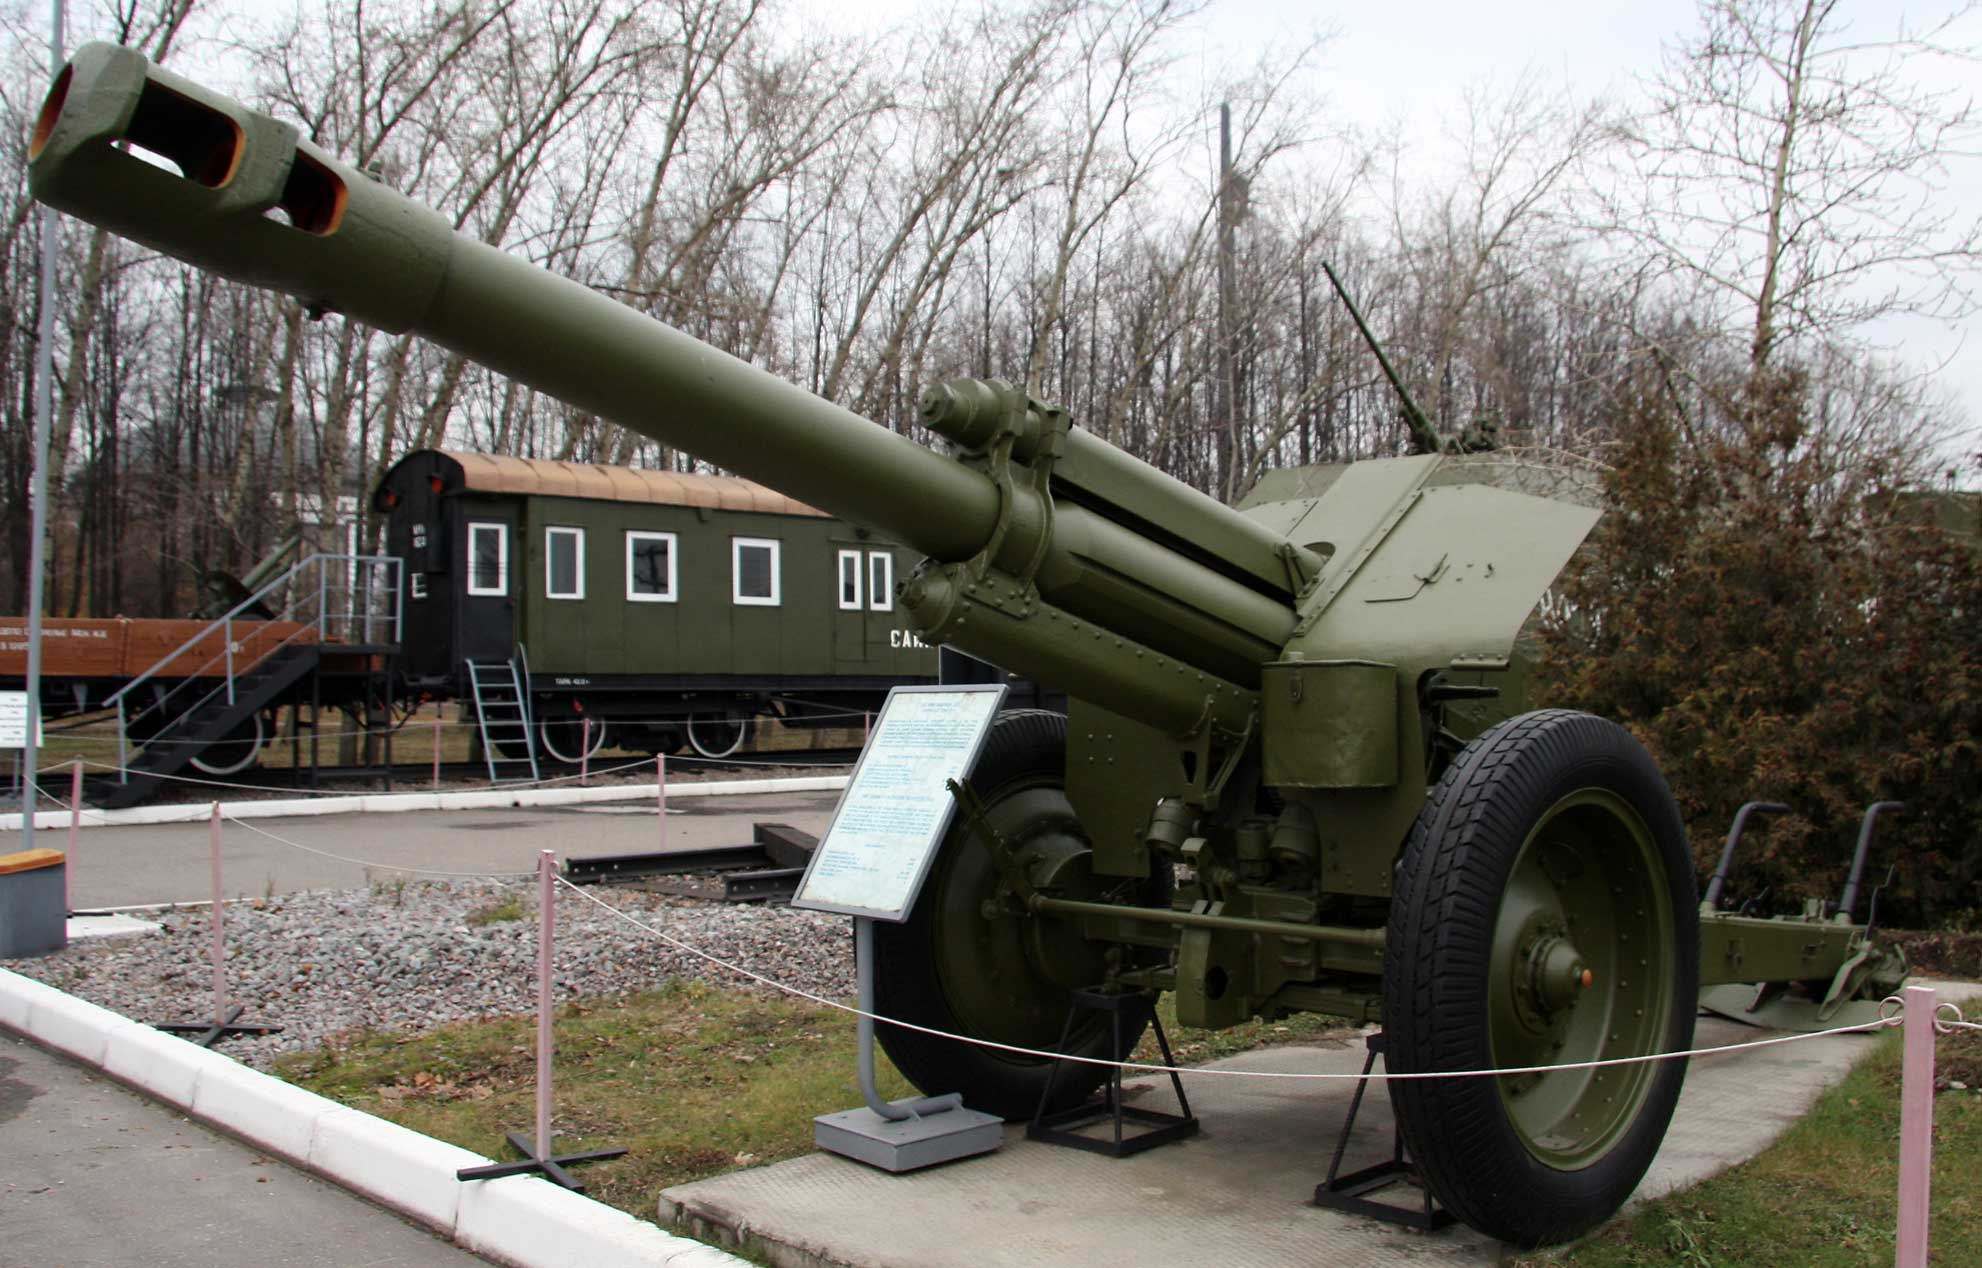 152-мм гаубица образца 1943 года (д-1) — википедия. что такое 152-мм гаубица образца 1943 года (д-1)